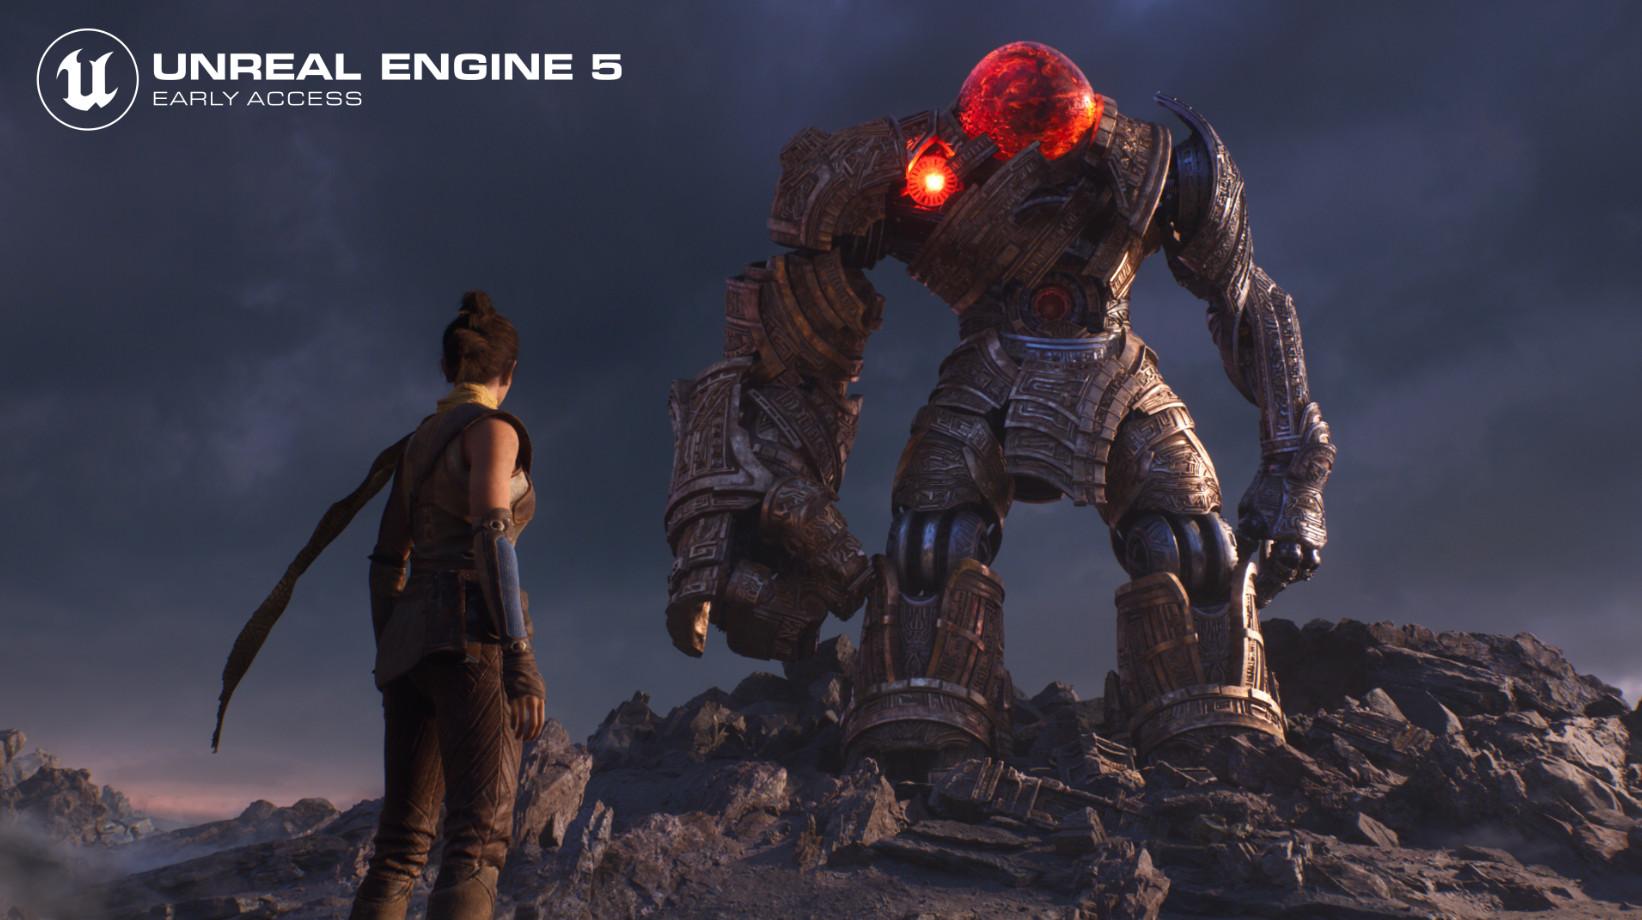 《战争机器》开发商将在GDC上展示虚幻5 XSX技术Demo